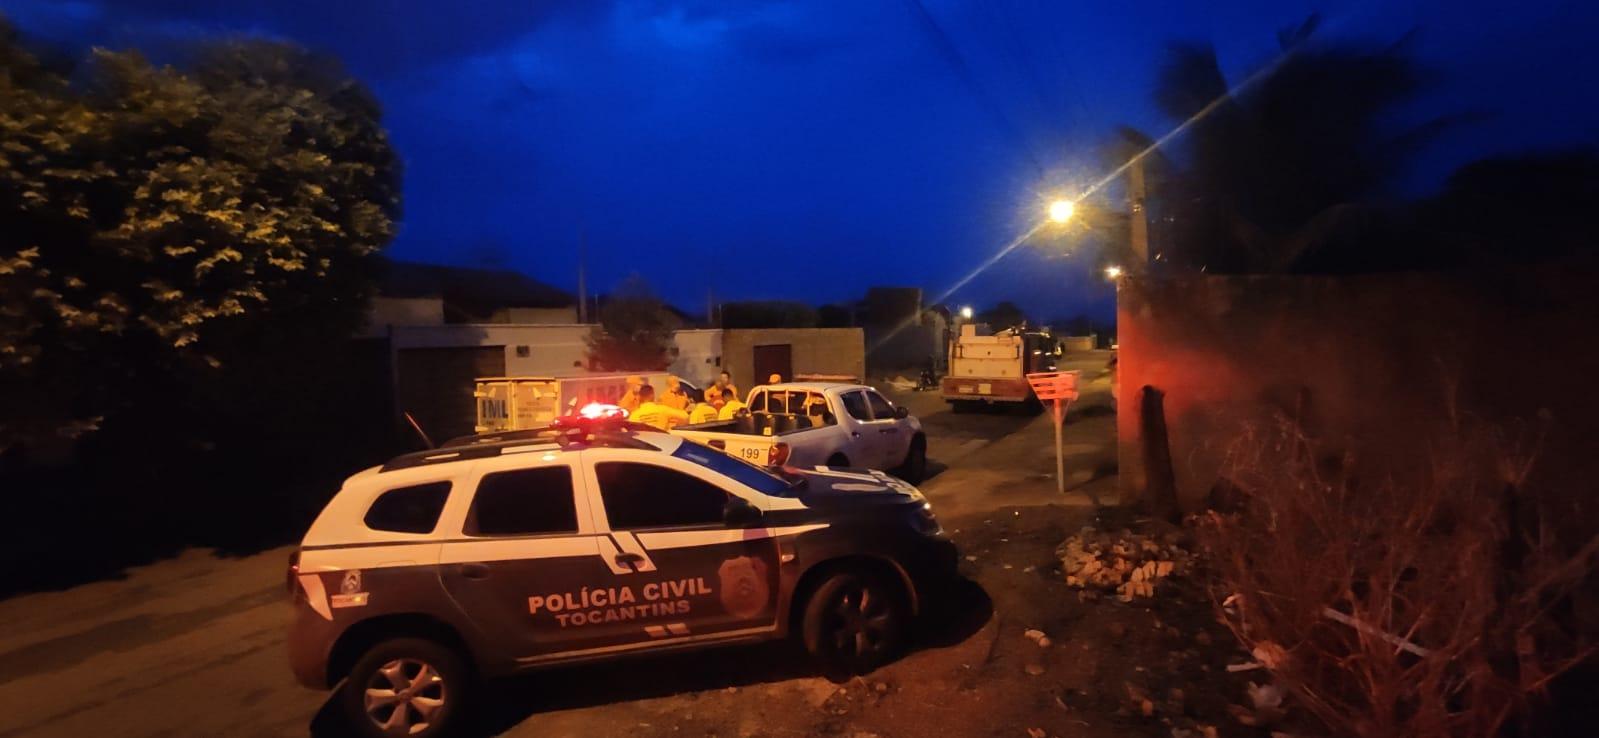 Polícia Civil localiza corpo de mulher que estava desaparecida há mais de 40 dias em Porto Nacional